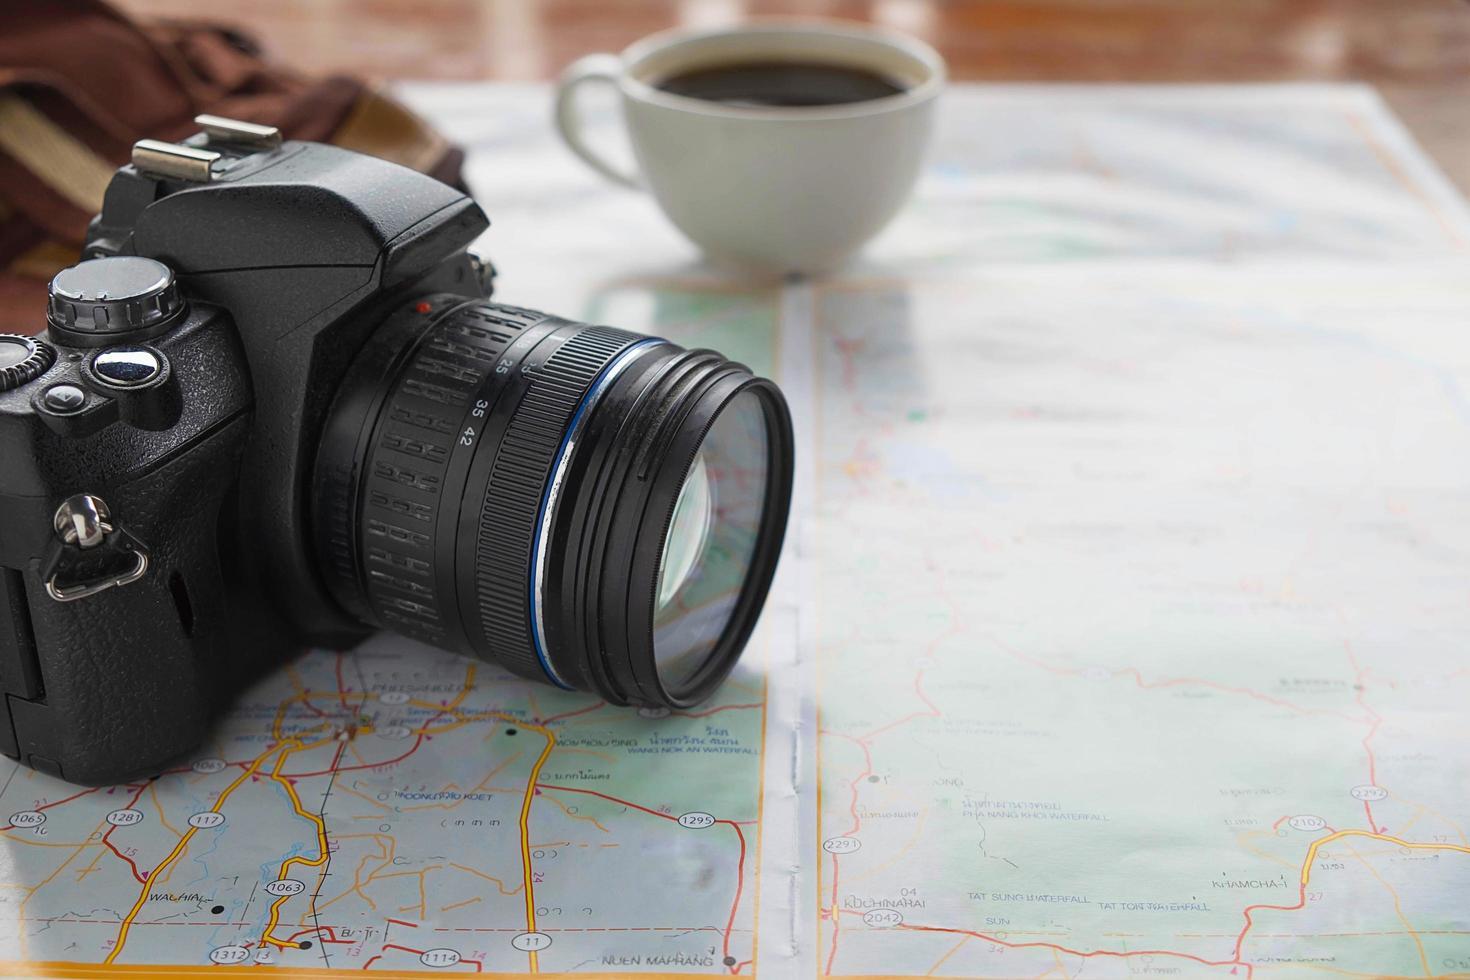 gros plan d'un appareil photo sur une carte